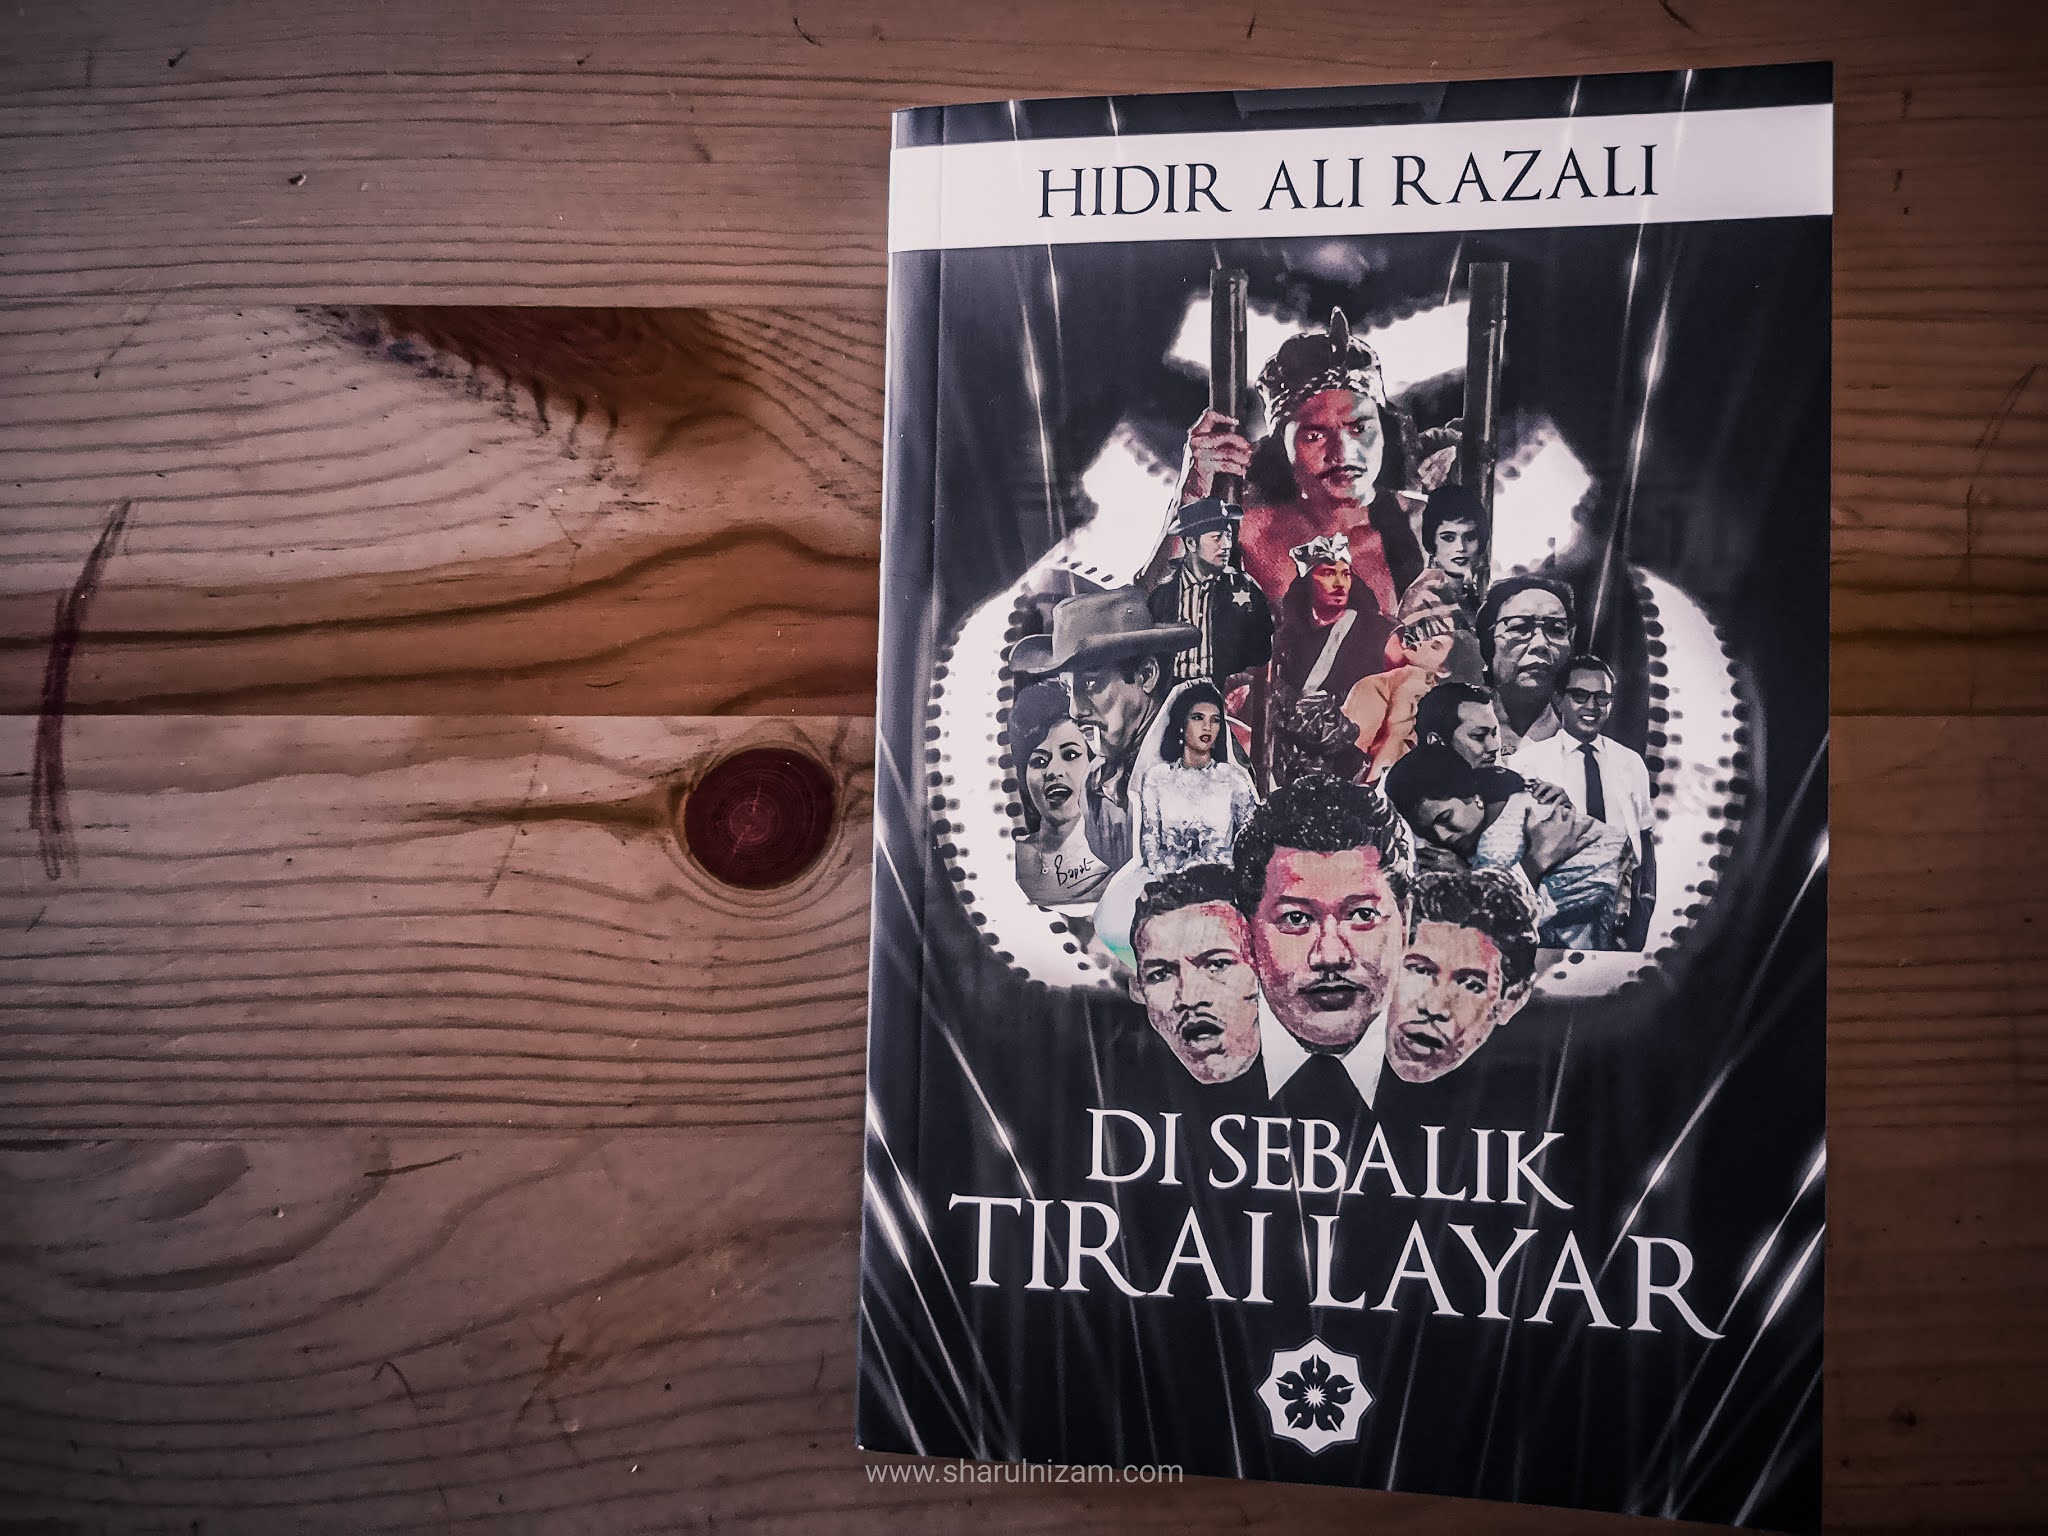 Di Sebalik Tirai Layar Oleh Hidir Ali Razali